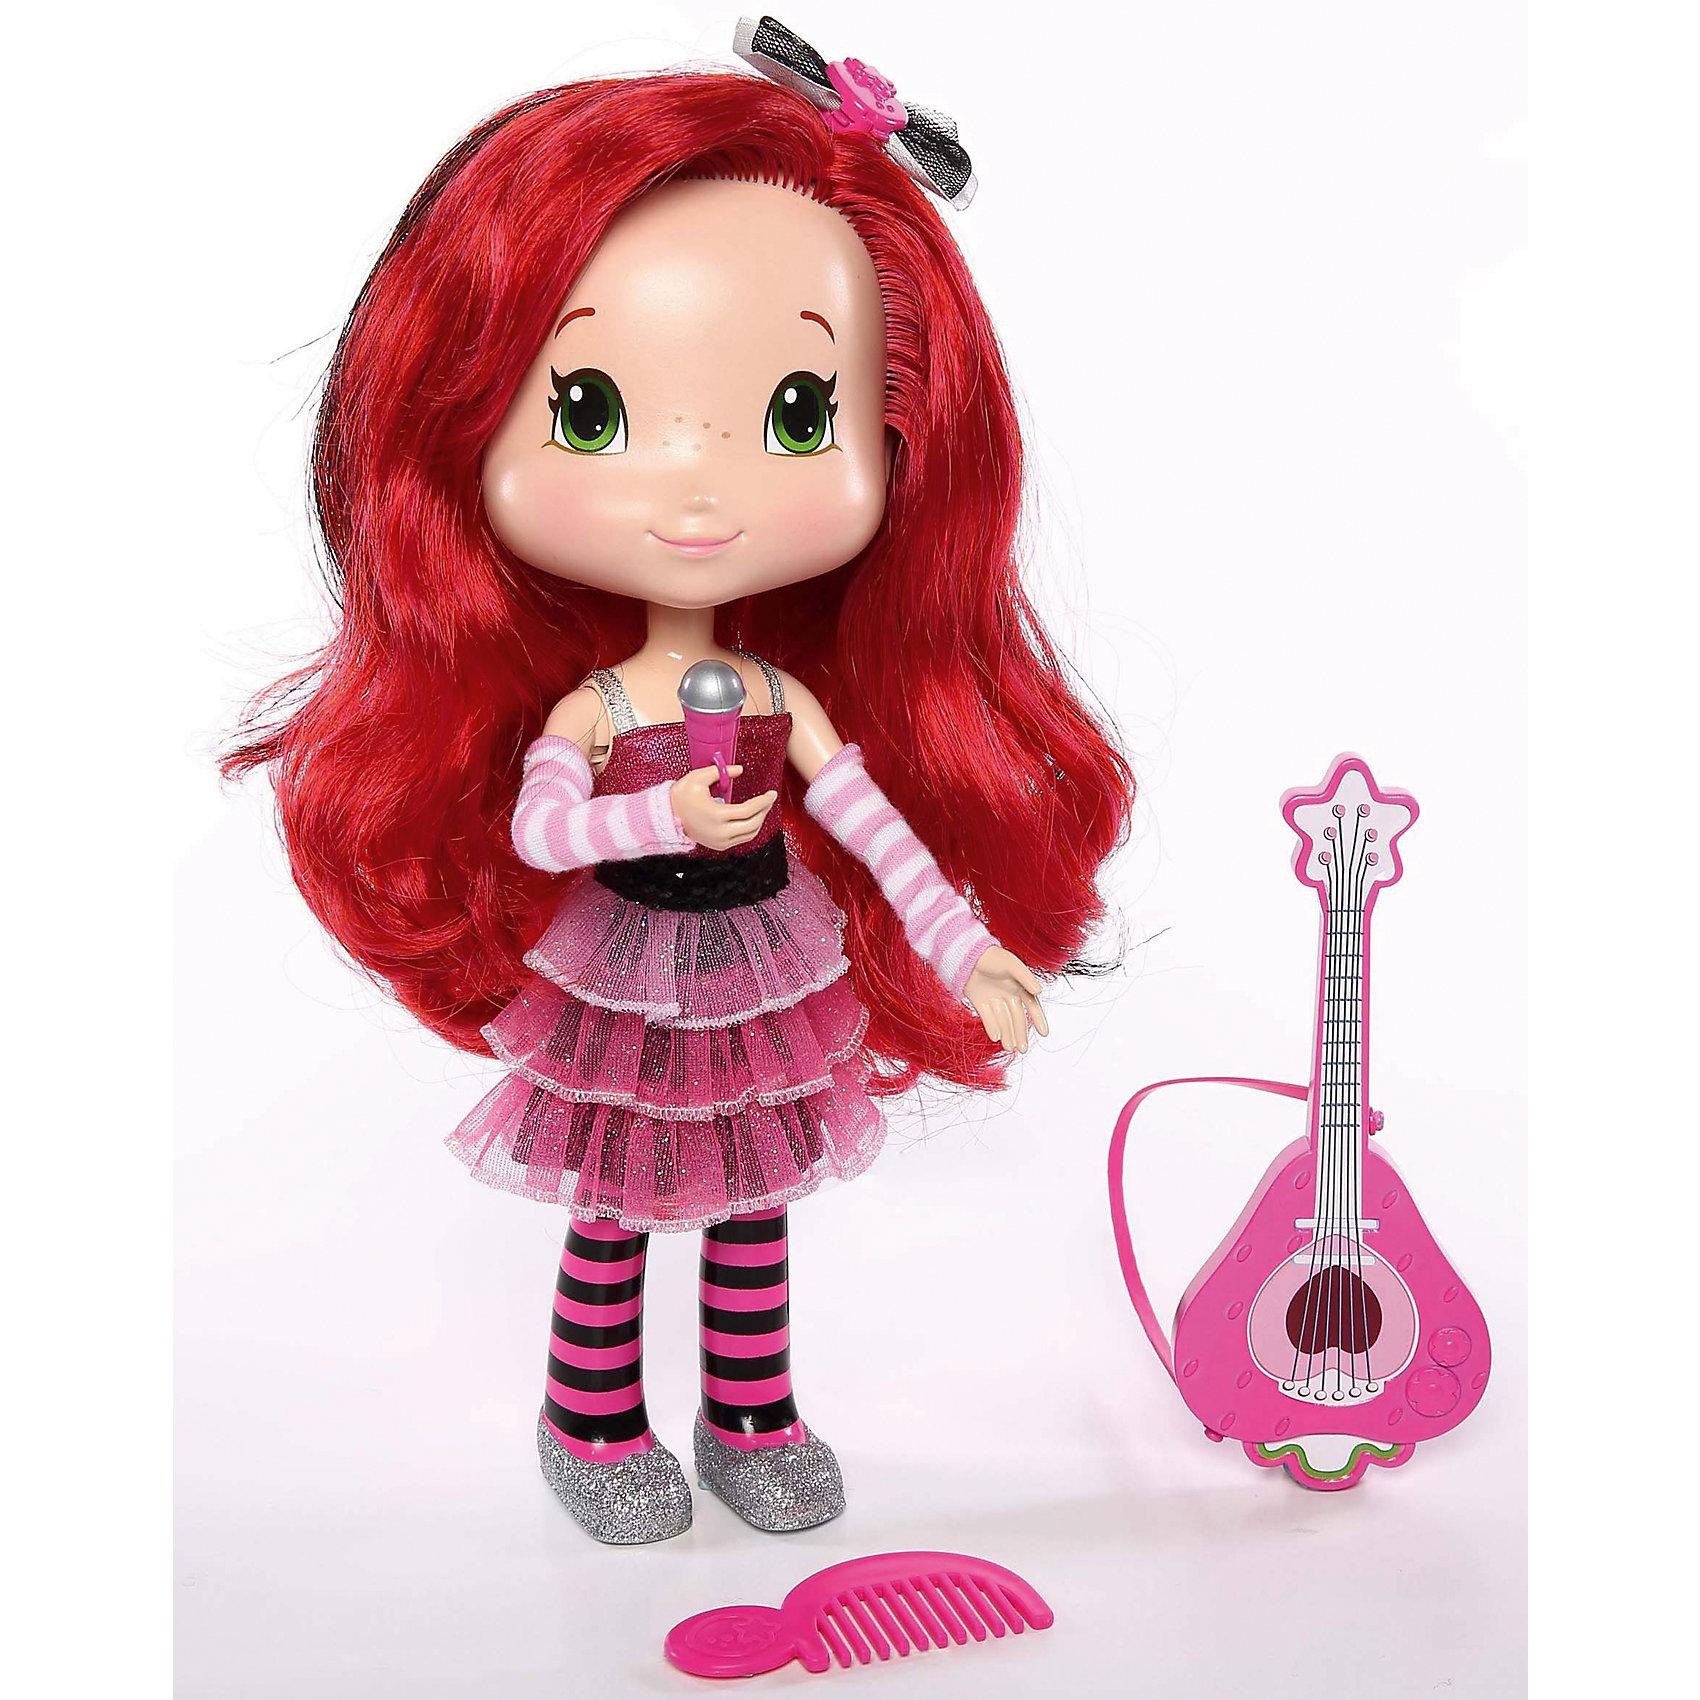 Поющая кукла Земляничка, 28 см, с аксессуарами, The BridgeИнтерактивные куклы<br>Милая кукла Земляничка обязательно понравится Вашей девочке! У куколки красивые длинные волосы, из которые можно сделать самые разнообразные прически. А еще, Земляничка может петь и произносить фразы из мультфильма.<br><br>В наборе:  кукла Земляничка, гитара, микрофон, расческа, бантик для волос и пропуск на шоу.<br><br>Дополнительная информация:<br><br>- Возраст: от 3 лет.<br>- Материал: пластик, текстиль.<br>- 3 батарейки (входят в комплект).<br>- Размер куклы: 28 см.<br>- Размер упаковки: 33x28x9  см.<br><br>Купить поющую куклу Земляничка с аксессуарами, можно в нашем магазине.<br><br>Ширина мм: 285<br>Глубина мм: 90<br>Высота мм: 330<br>Вес г: 803<br>Возраст от месяцев: 36<br>Возраст до месяцев: 120<br>Пол: Женский<br>Возраст: Детский<br>SKU: 4929084